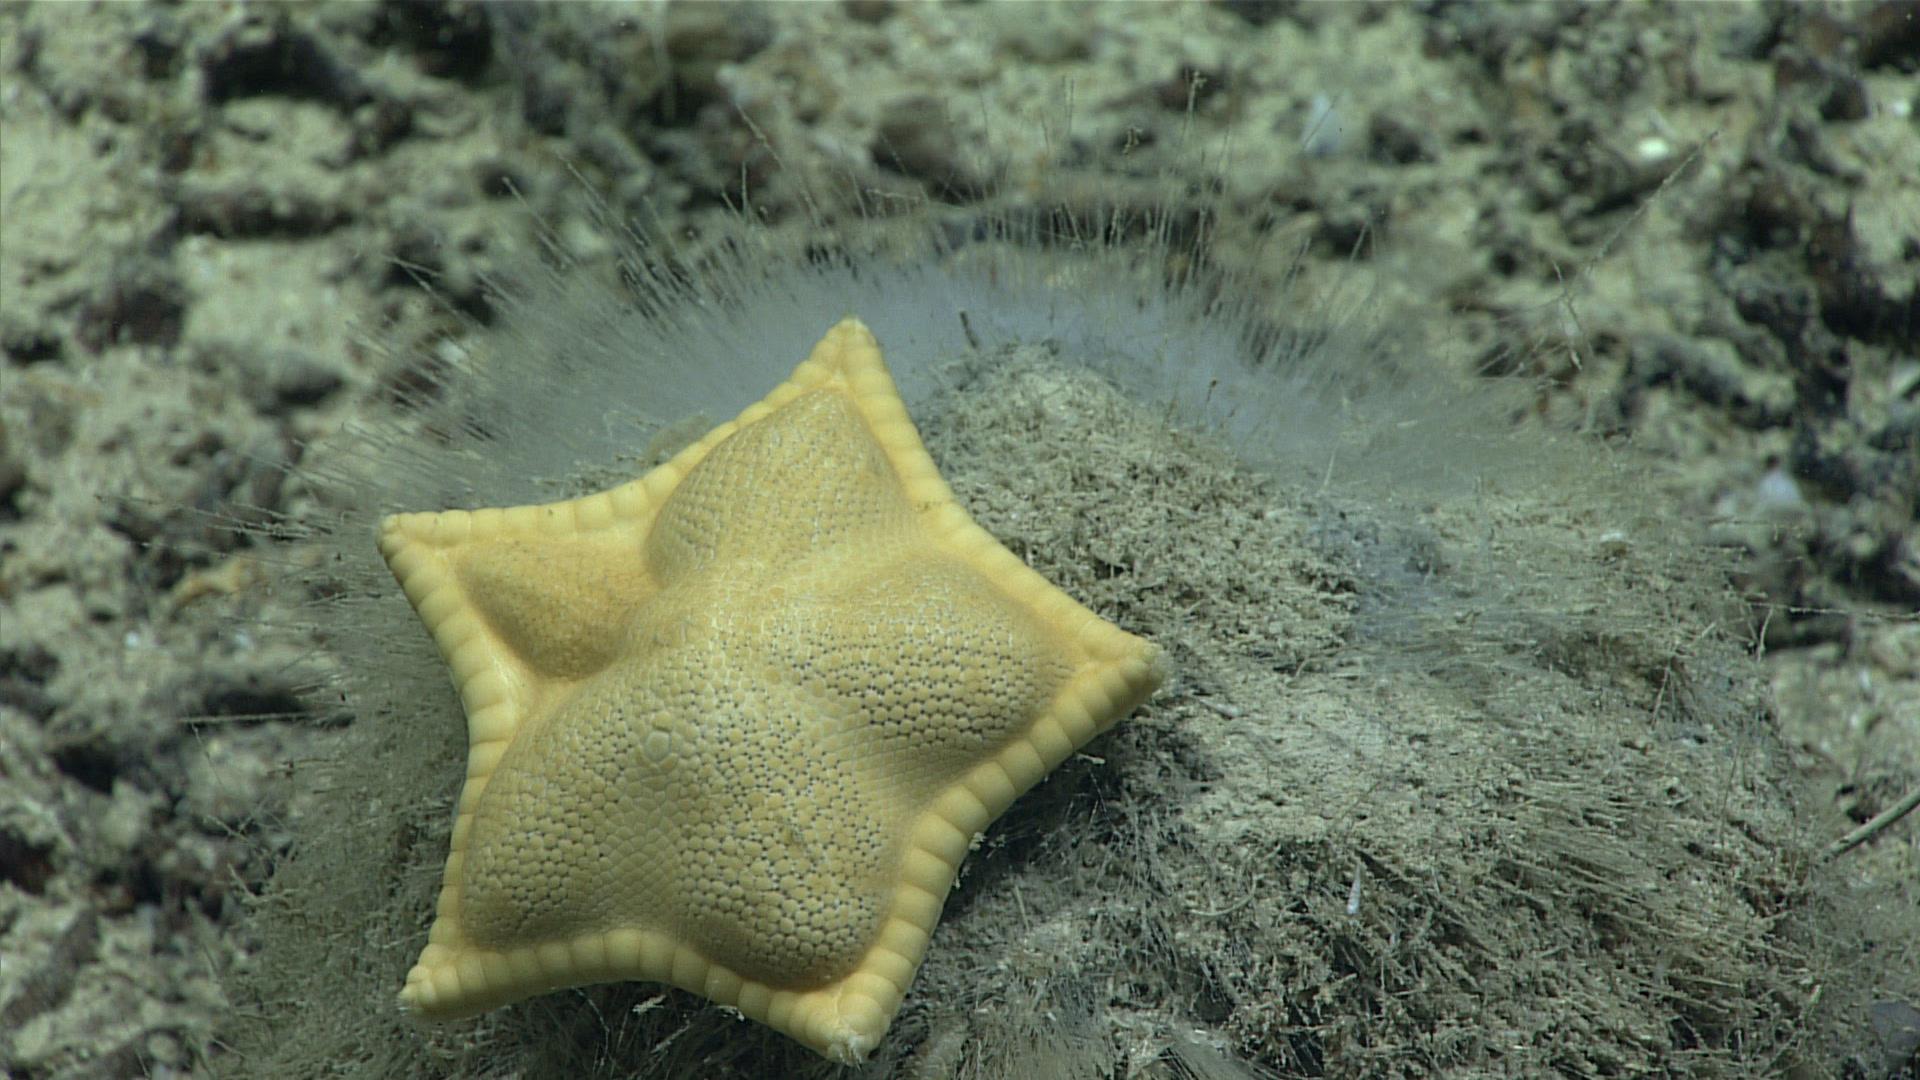 È stata scoperta una stella marina a forma di raviolo